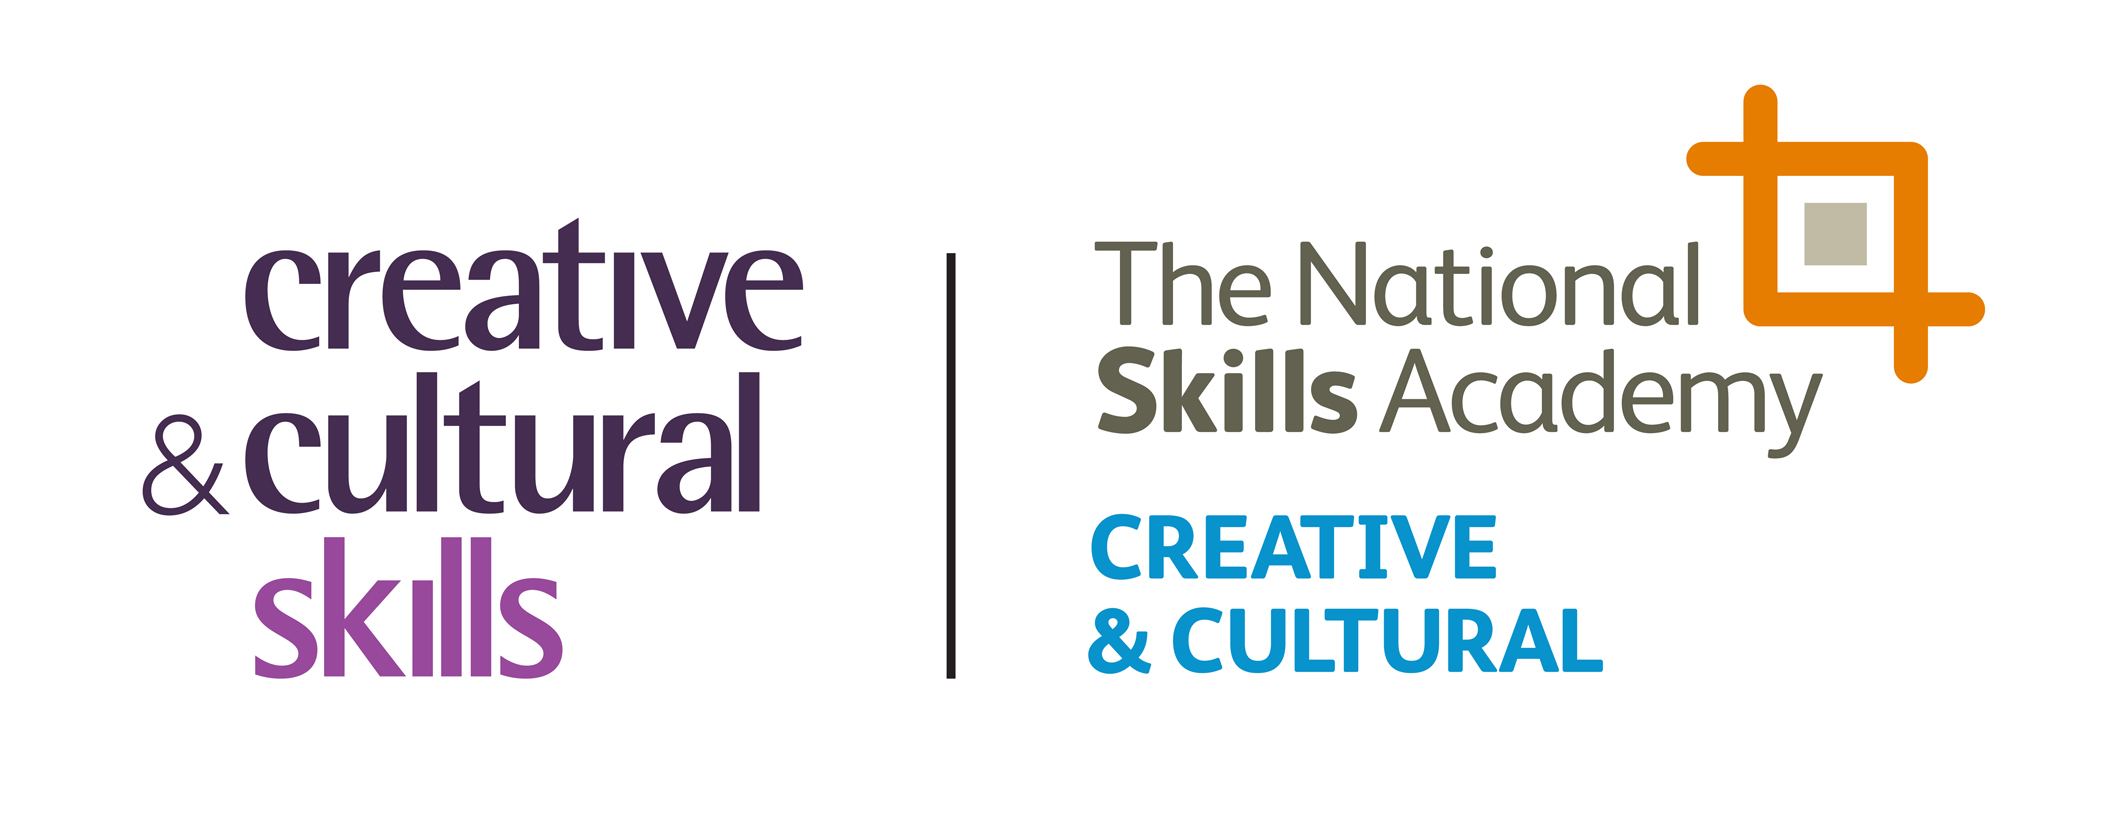 Creative & Cultural Skills